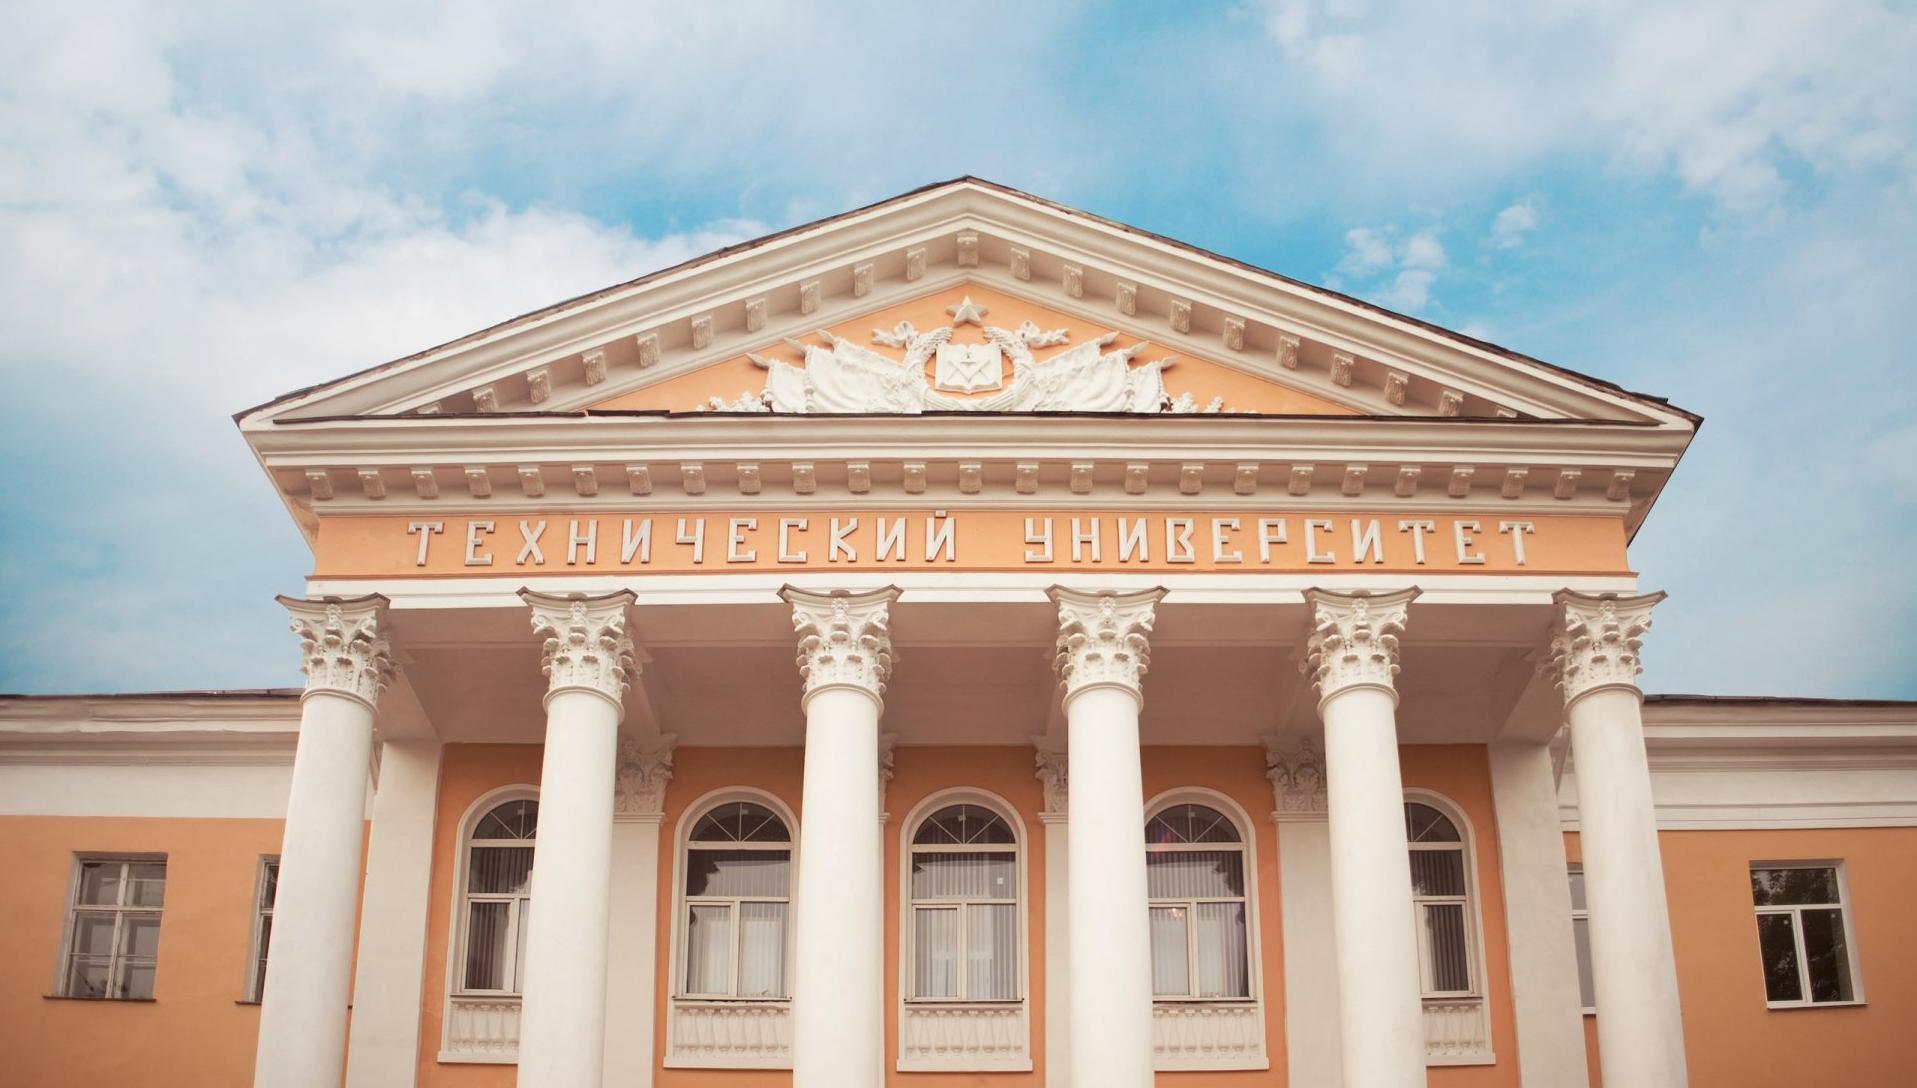 Семеро студентов ТвГТУ будут получать стипендию Президента России - новости Афанасий